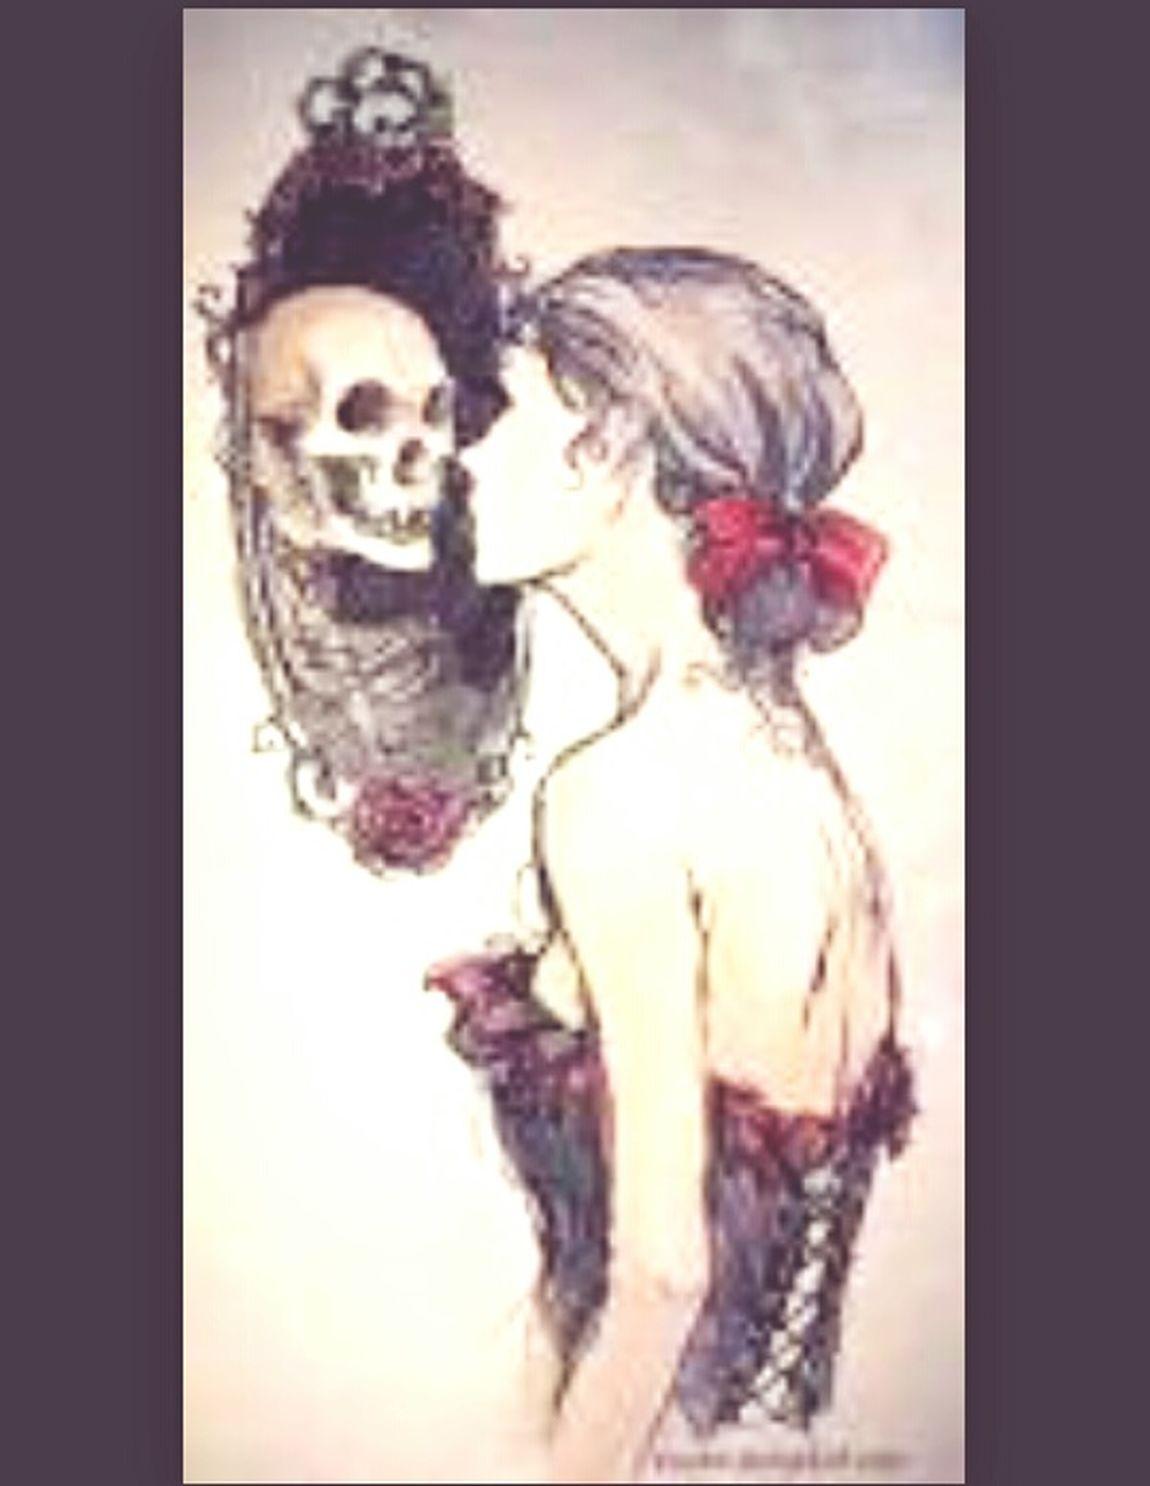 Like a mirror 💔 Les épreuves De La Vie Me Laissent Face à La Douleur So Tired Saying Good Bye